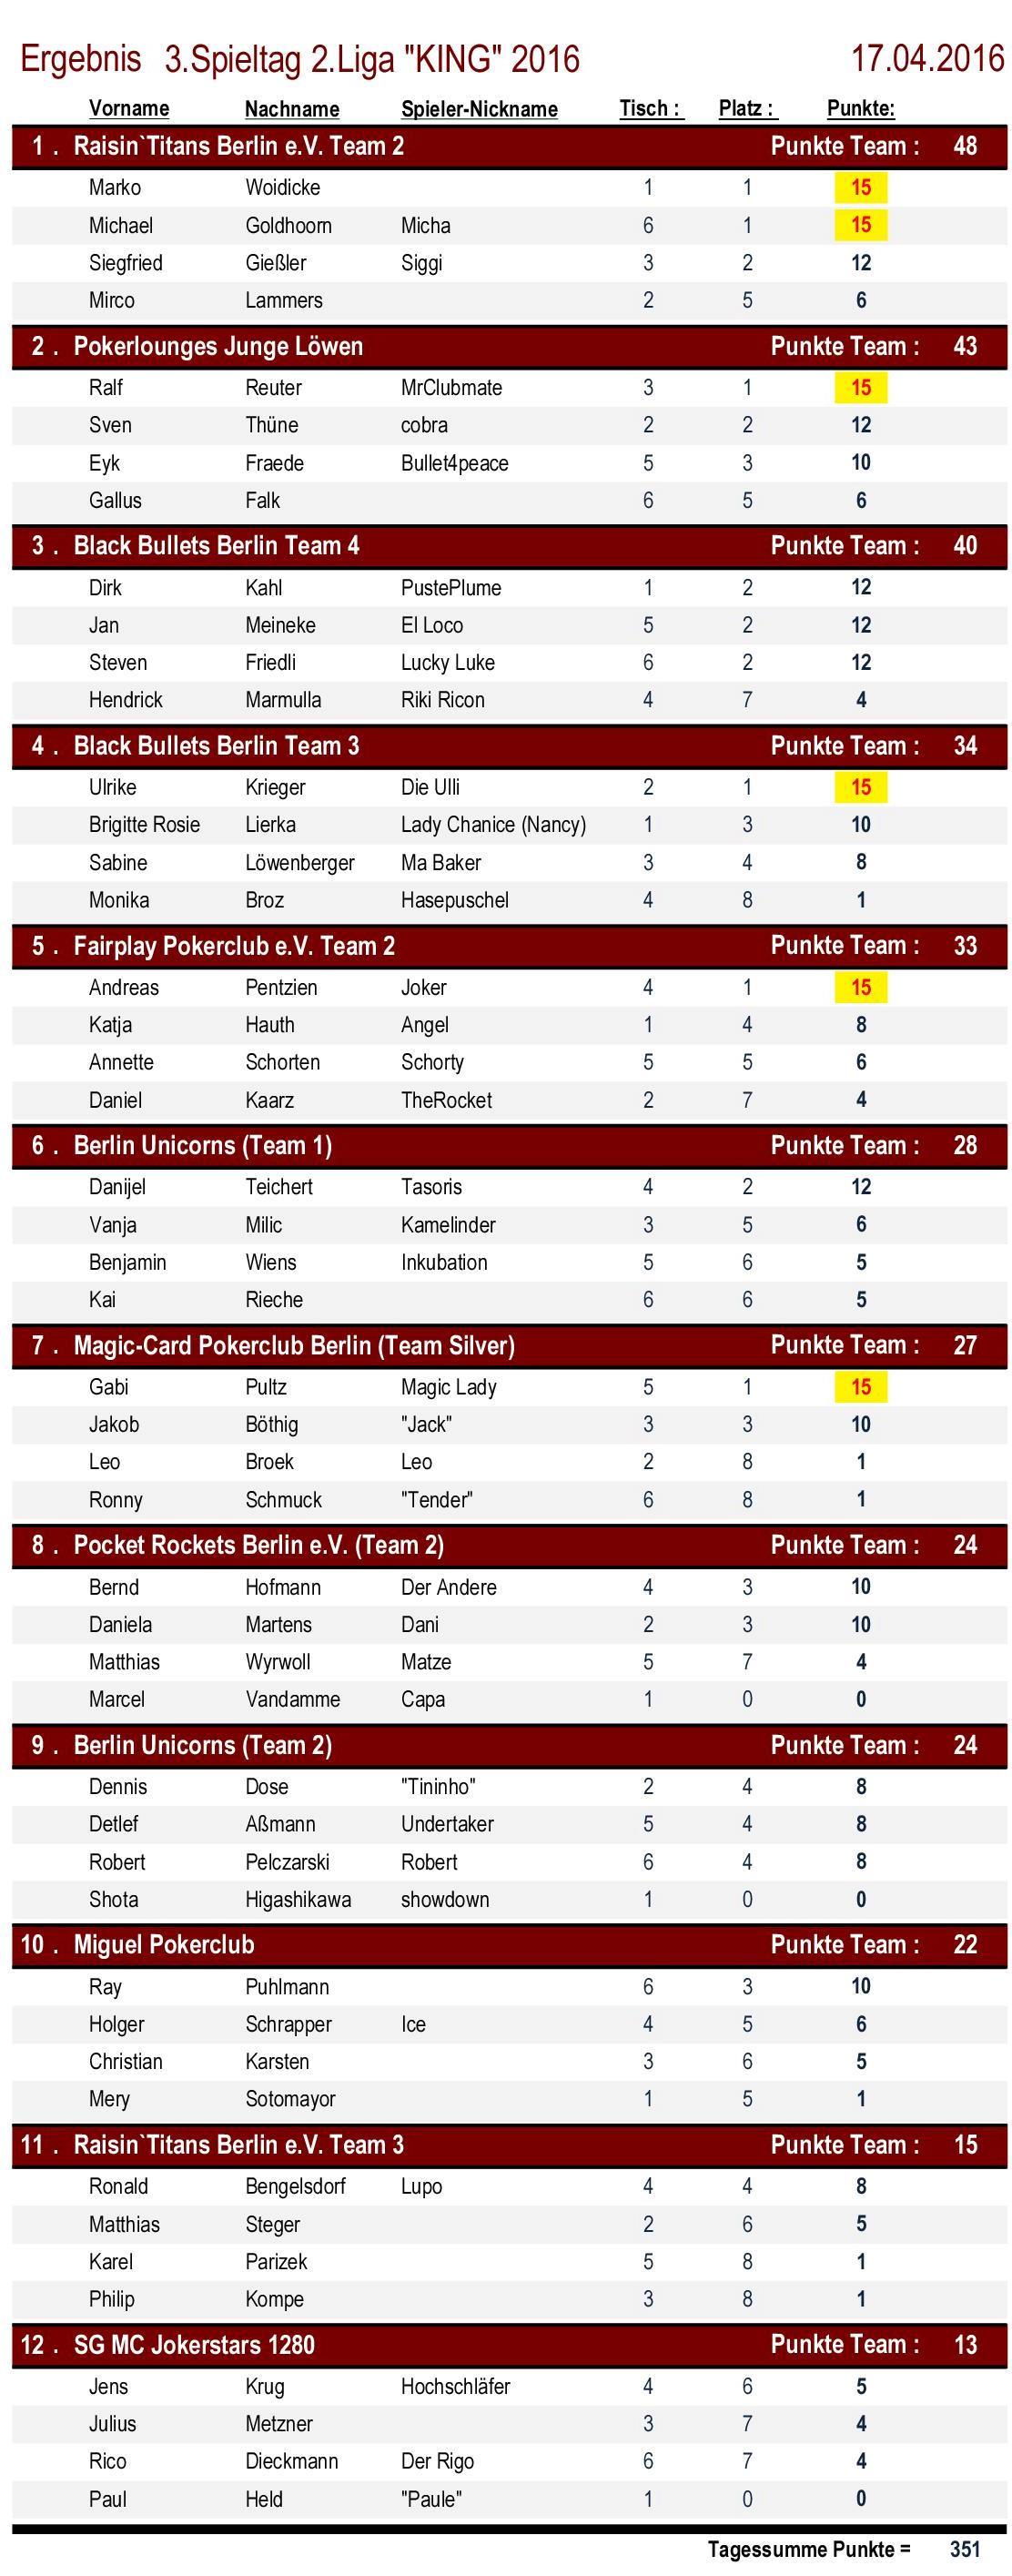 Ergebnisse 2.Liga `KING` 3. Spieltag 2016